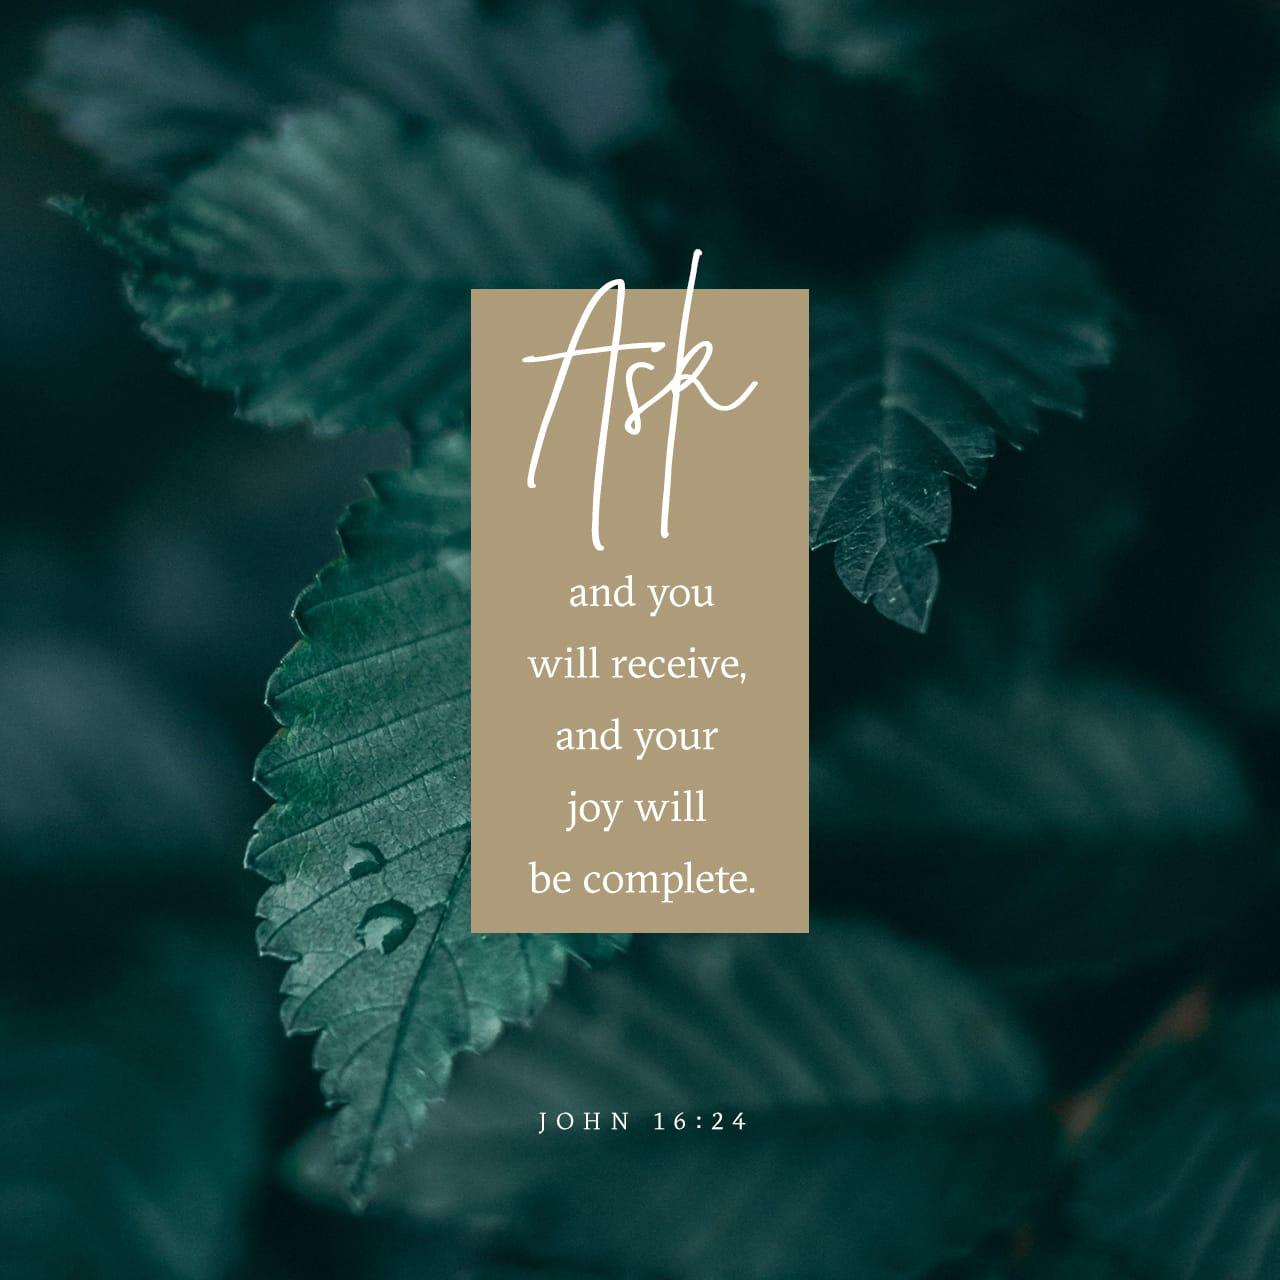 Vangelo secondo Giovanni 16:24 Fino ad ora non avete chiesto nulla nel mio nome; chiedete e riceverete, affinché la vostra gioia sia completa. | Nuova Riveduta 1994 (NR94)